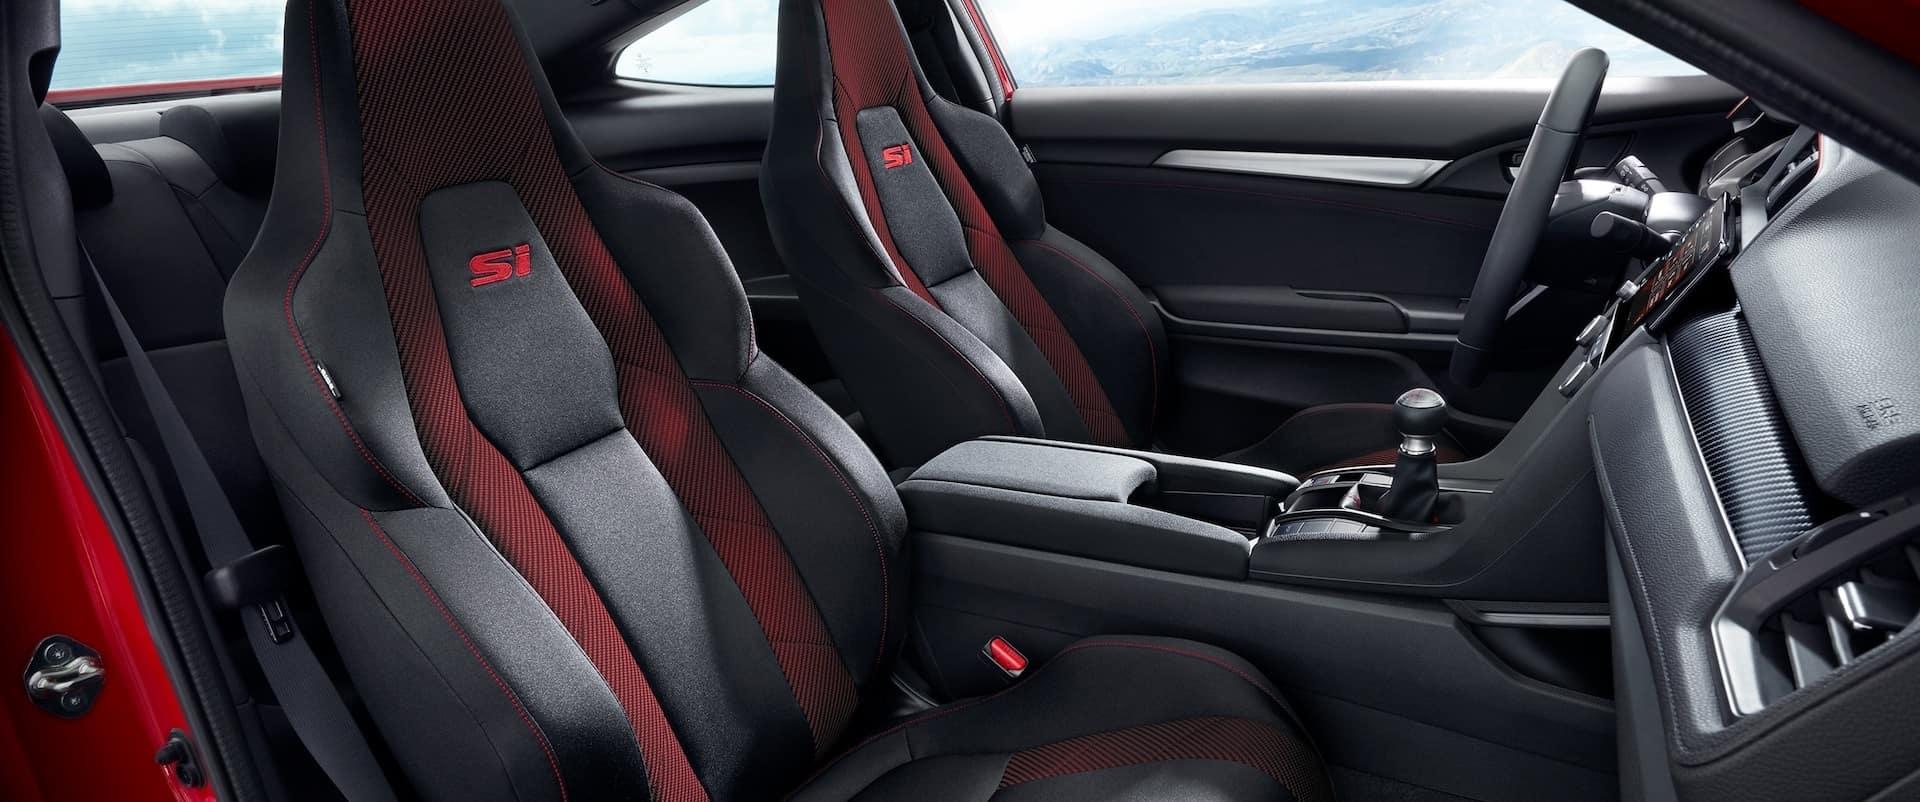 Honda_Civic_Si_Coupe_Interior_Cabin_Space